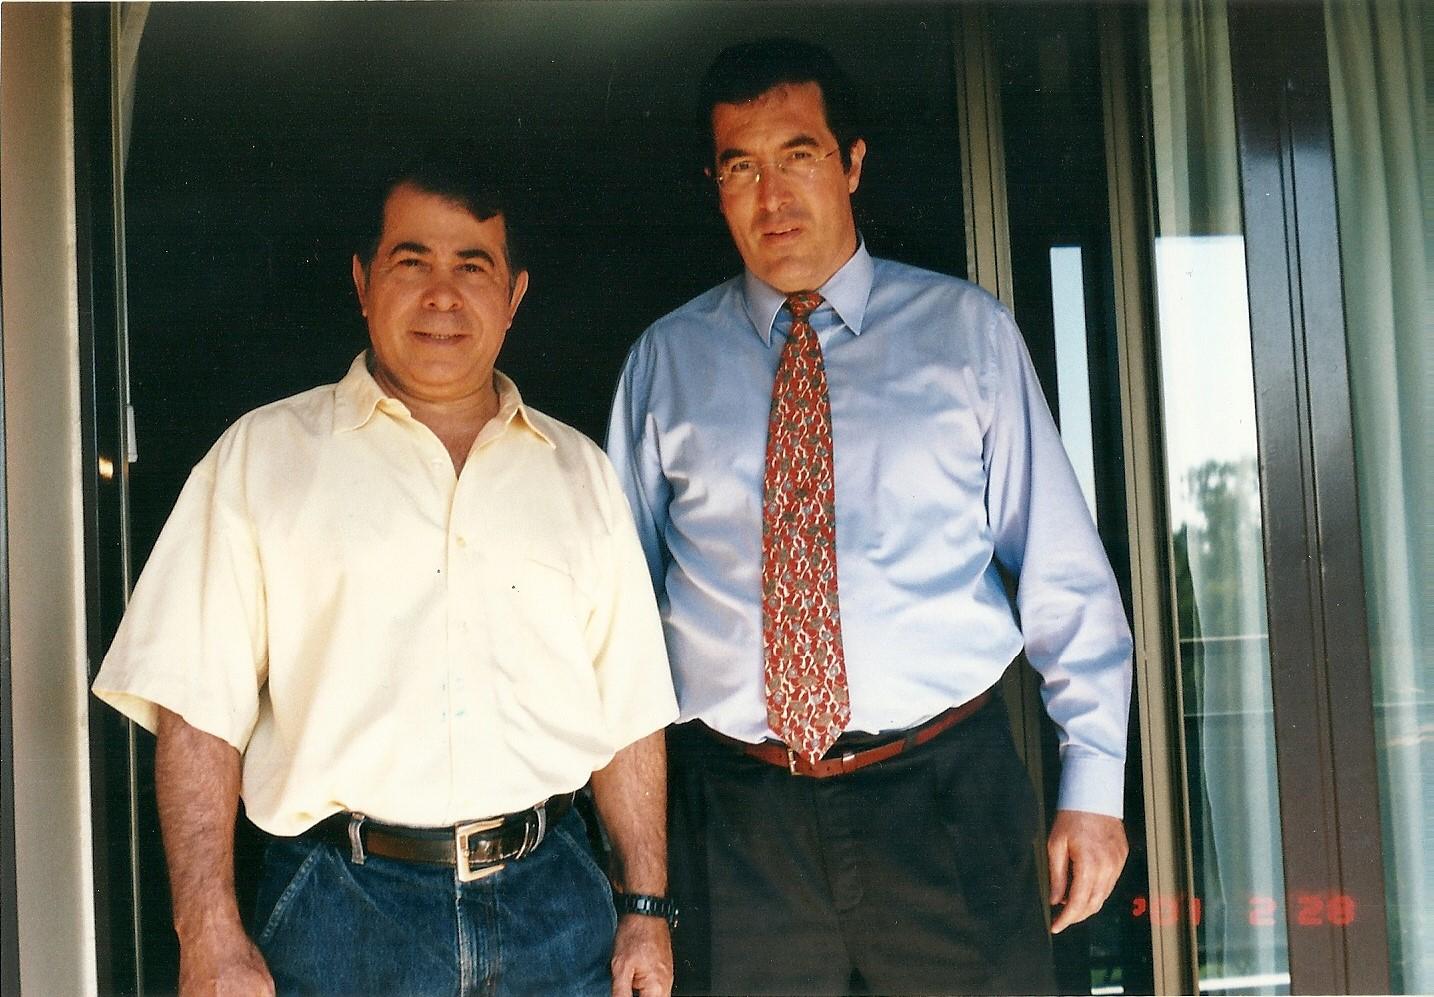 Marcelo Gullo Junto al embajador de Israel Rafael Eldad